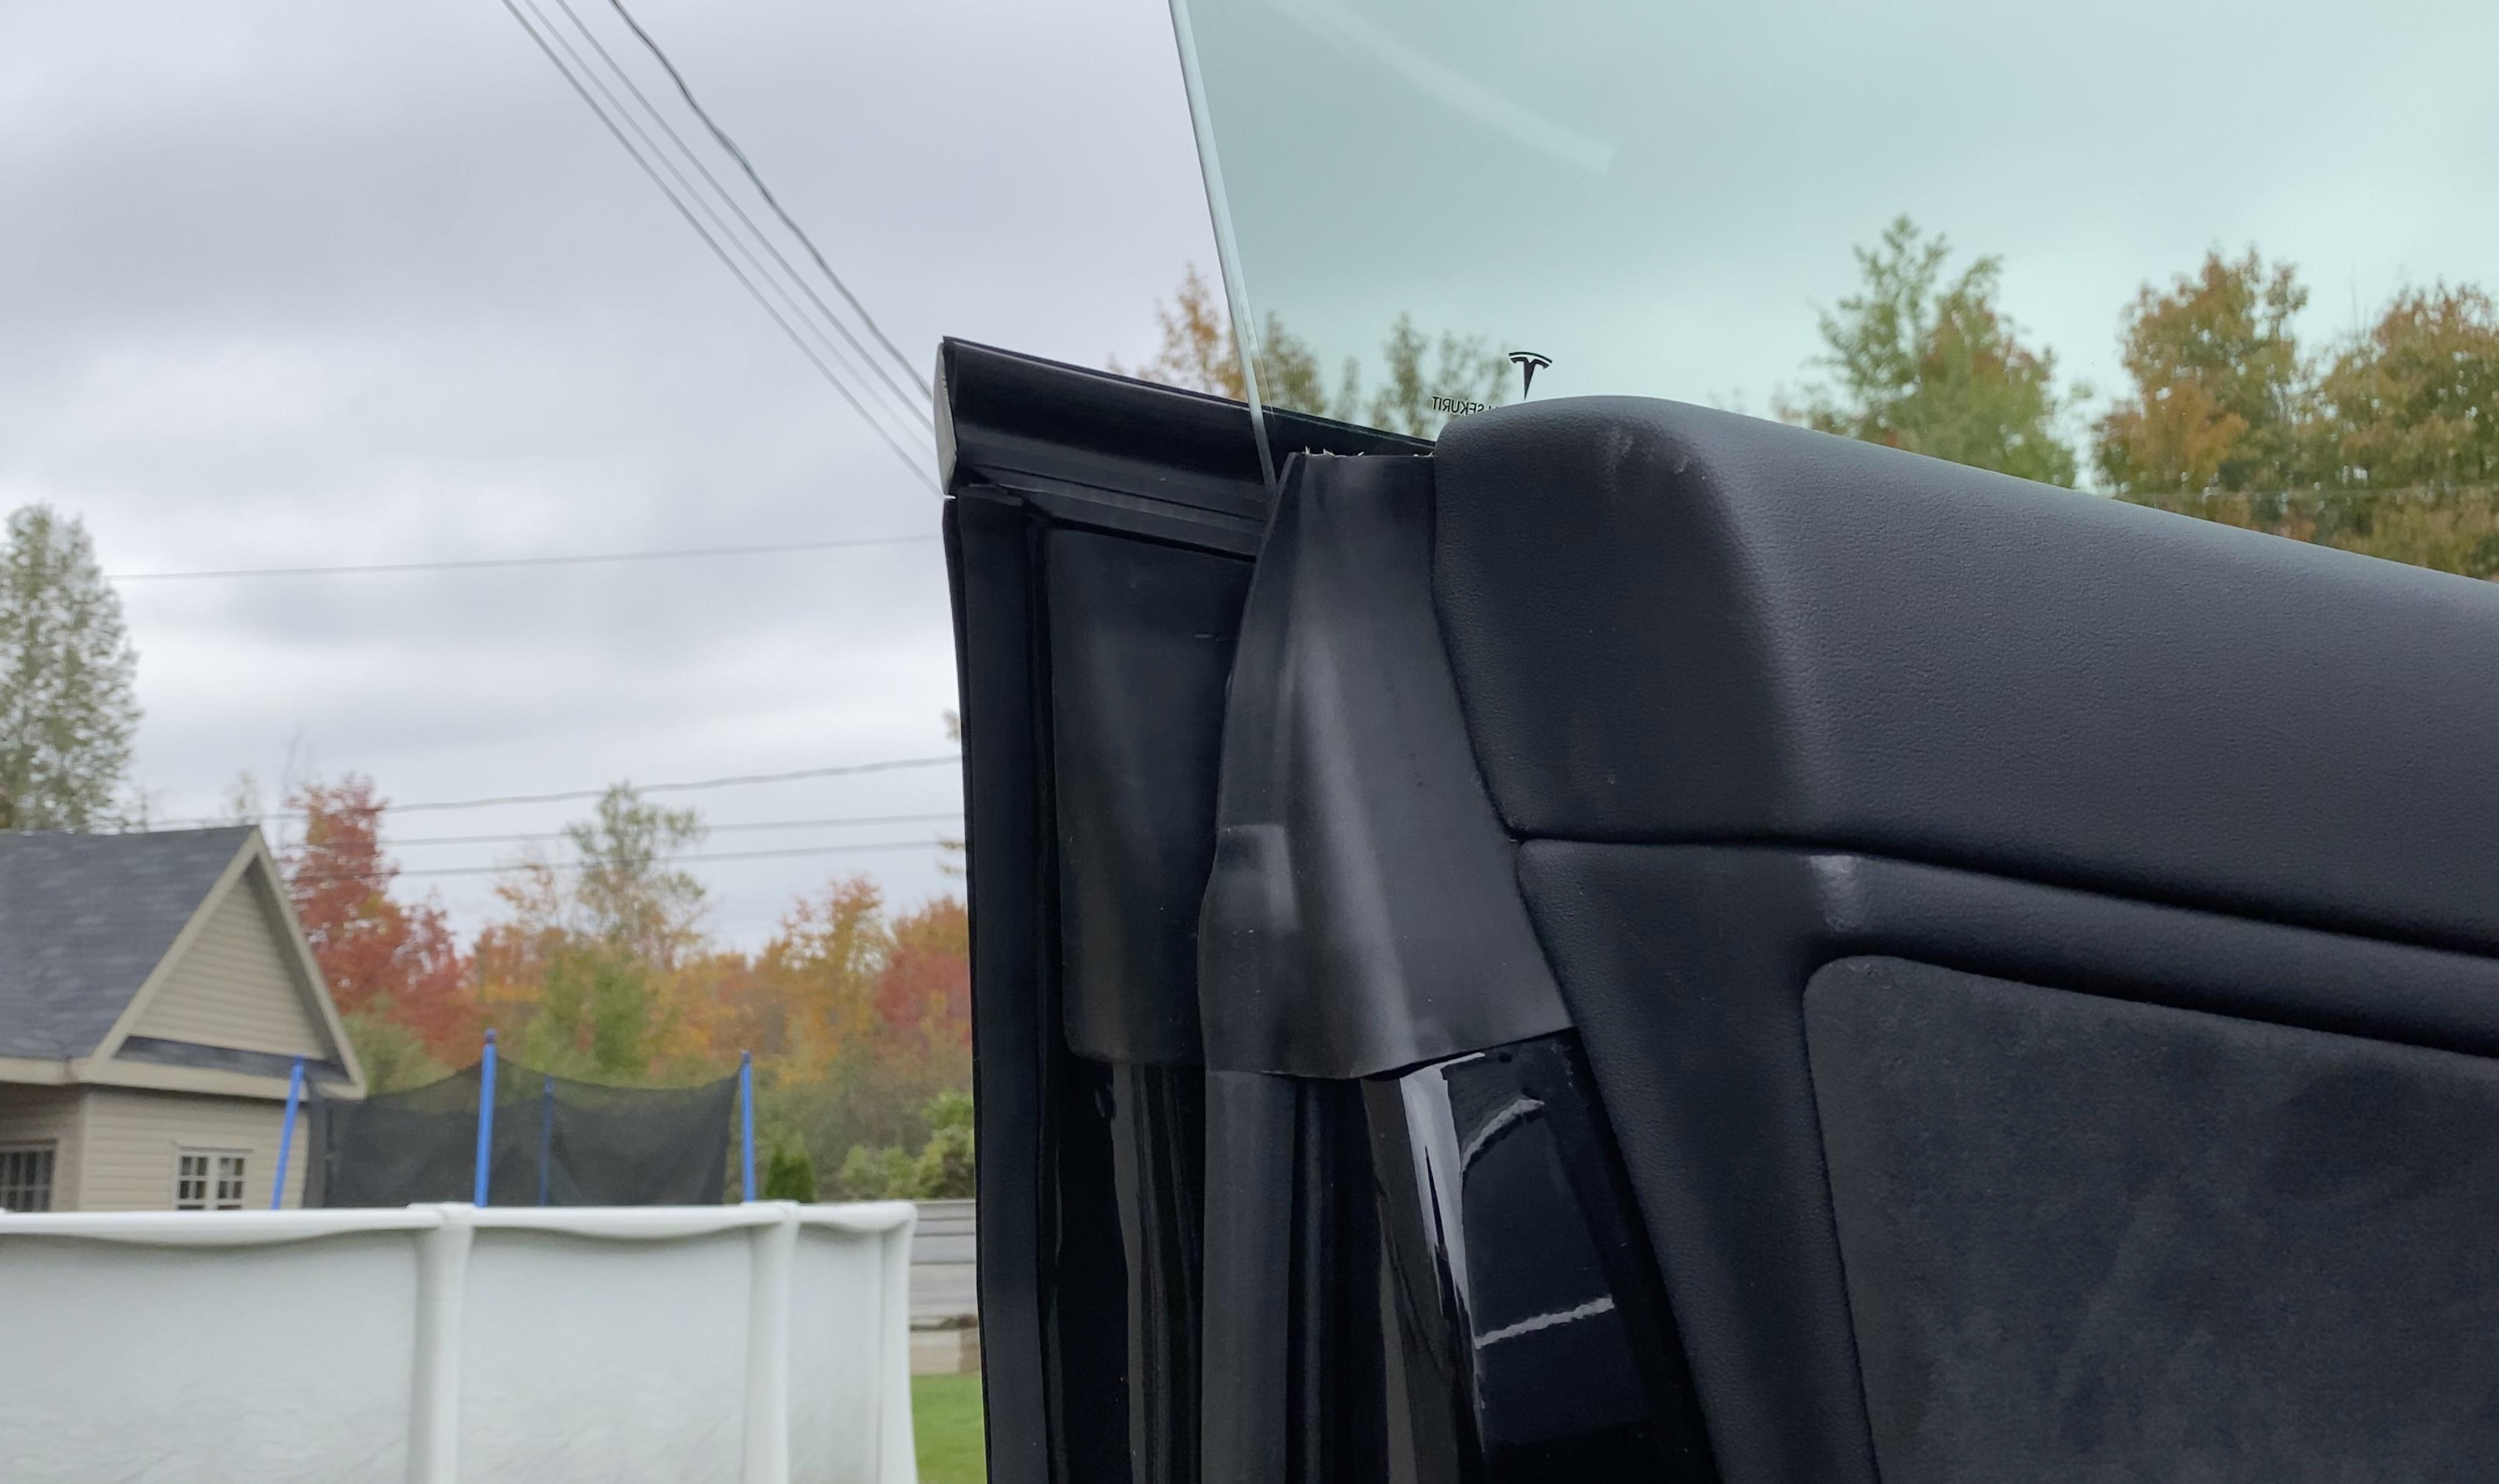 Comment Diminuer Le Bruit De La Route Et Du Vent De La Model 3